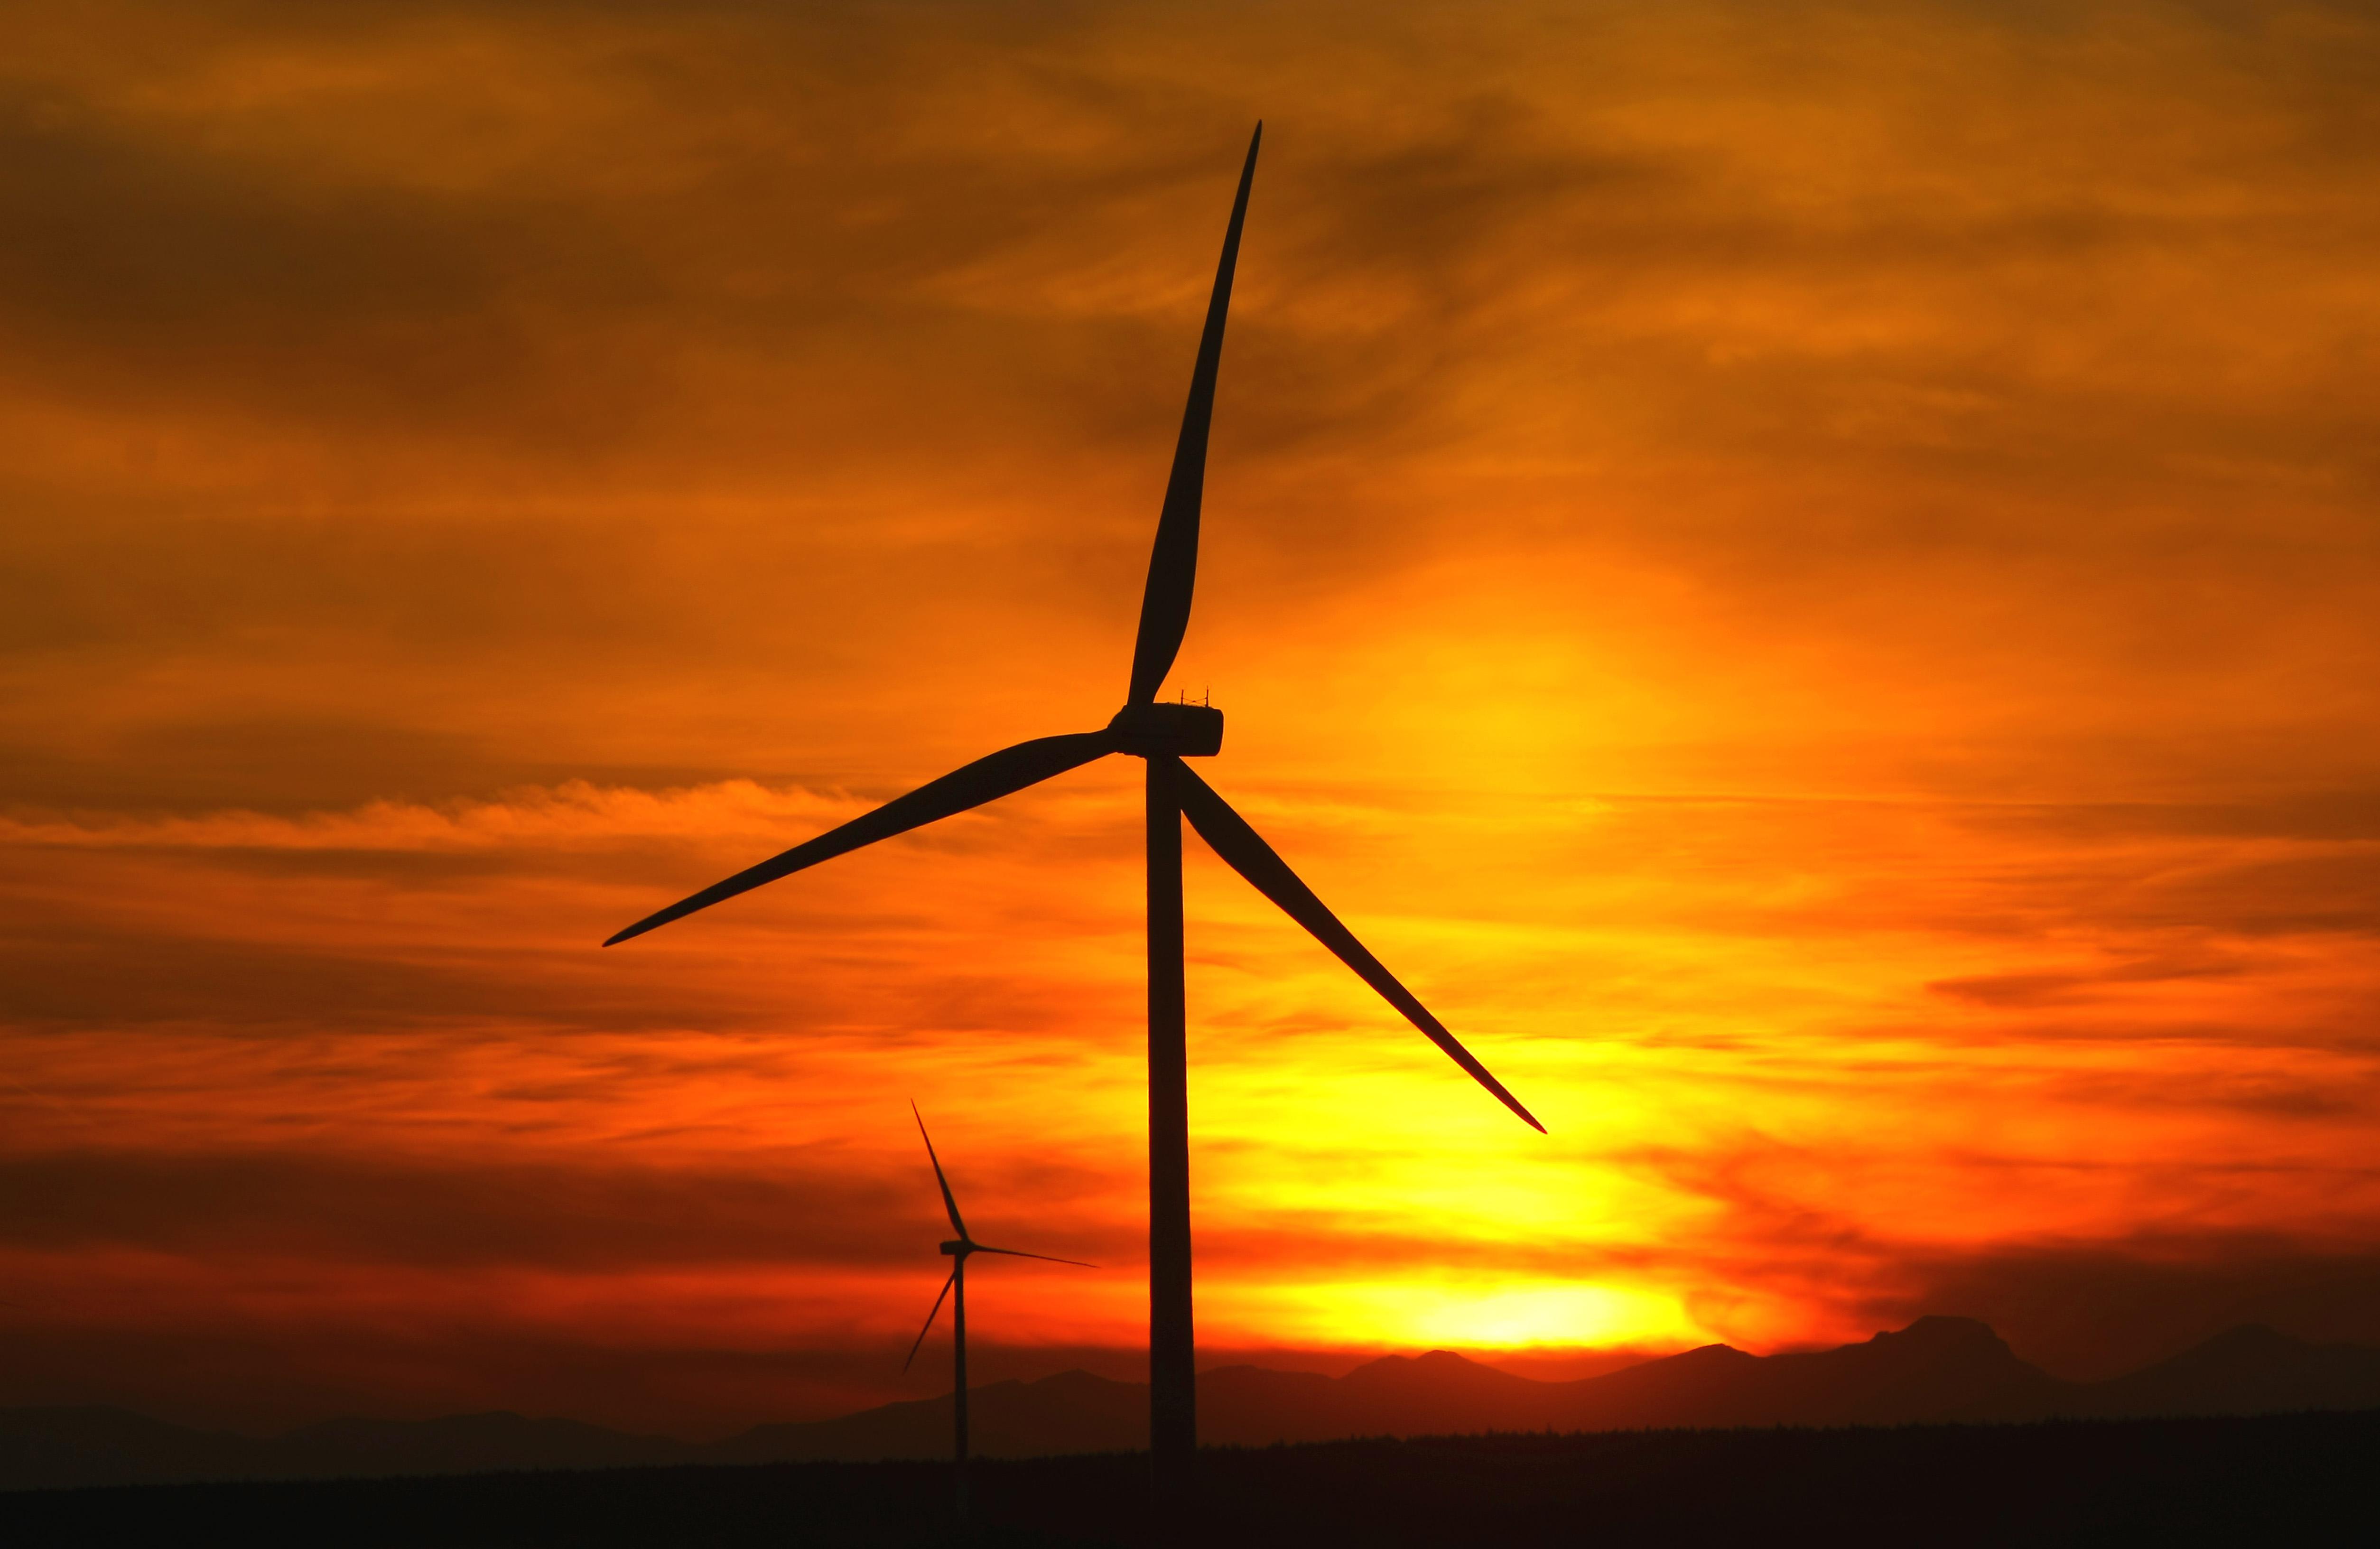 Eólica en Cataluña: ocho nuevos parques eólicos y pocos aerogeneradores nuevos en proyecto